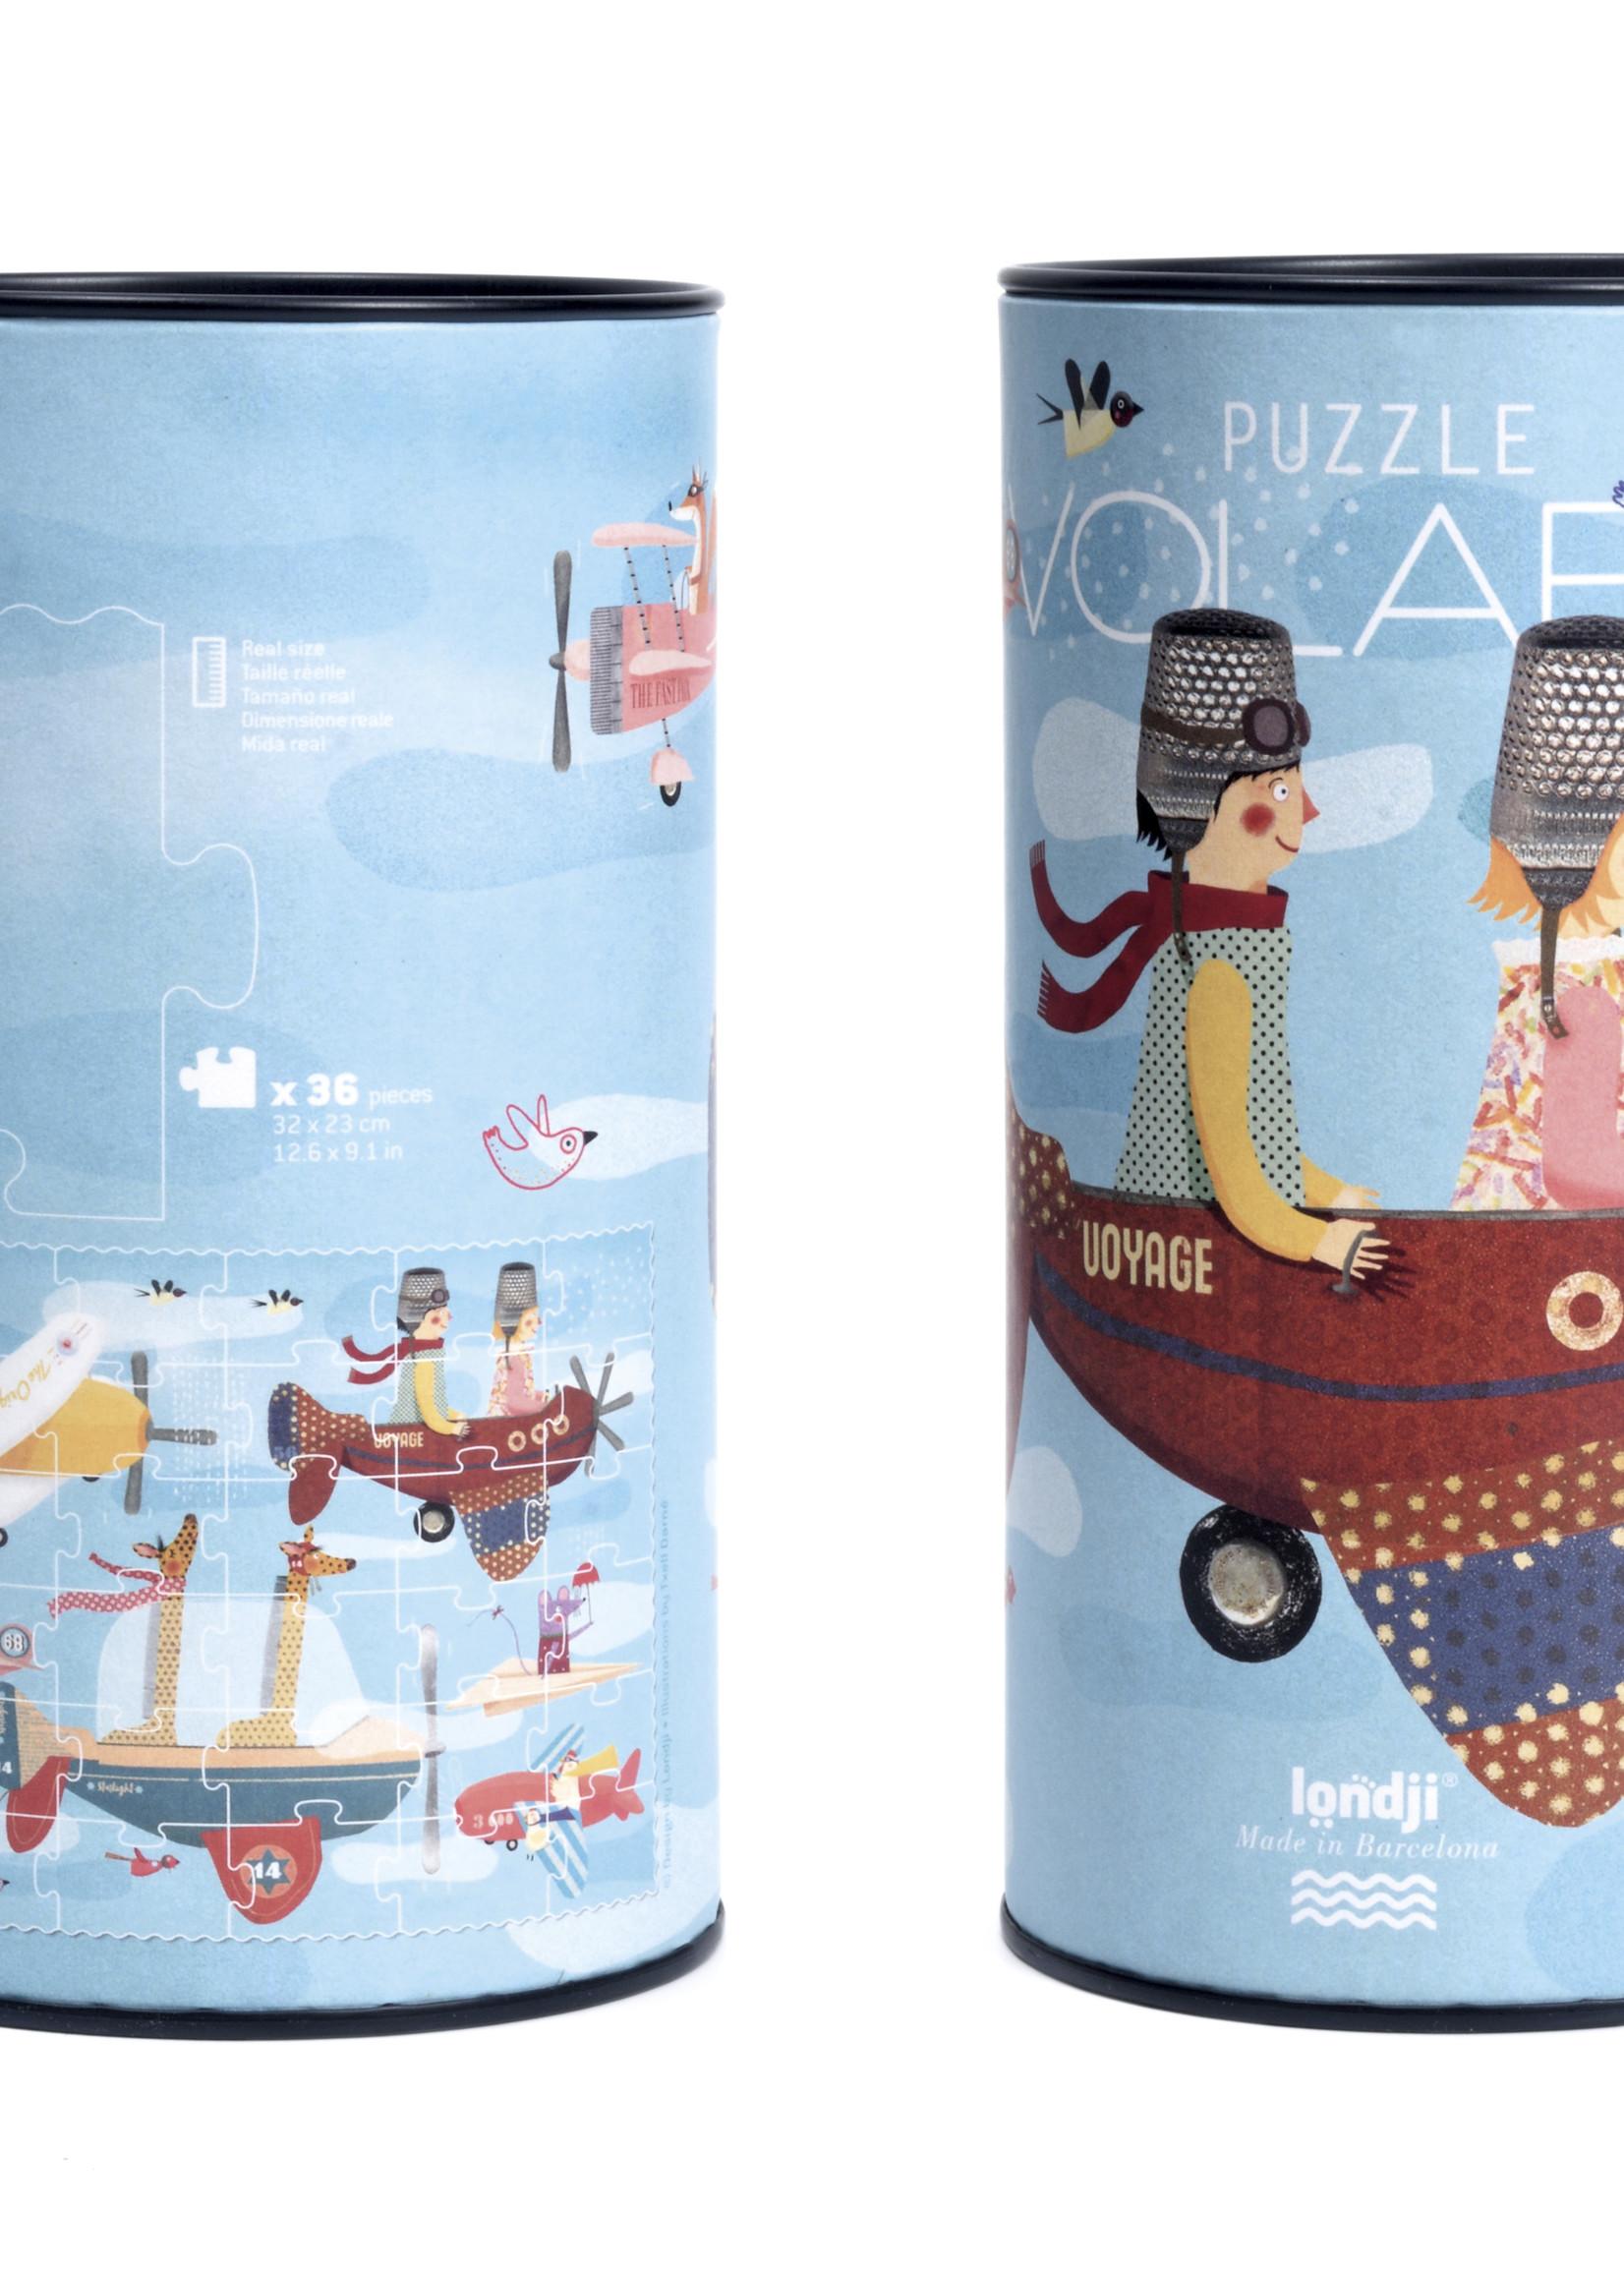 Londji Puzzle - Volare